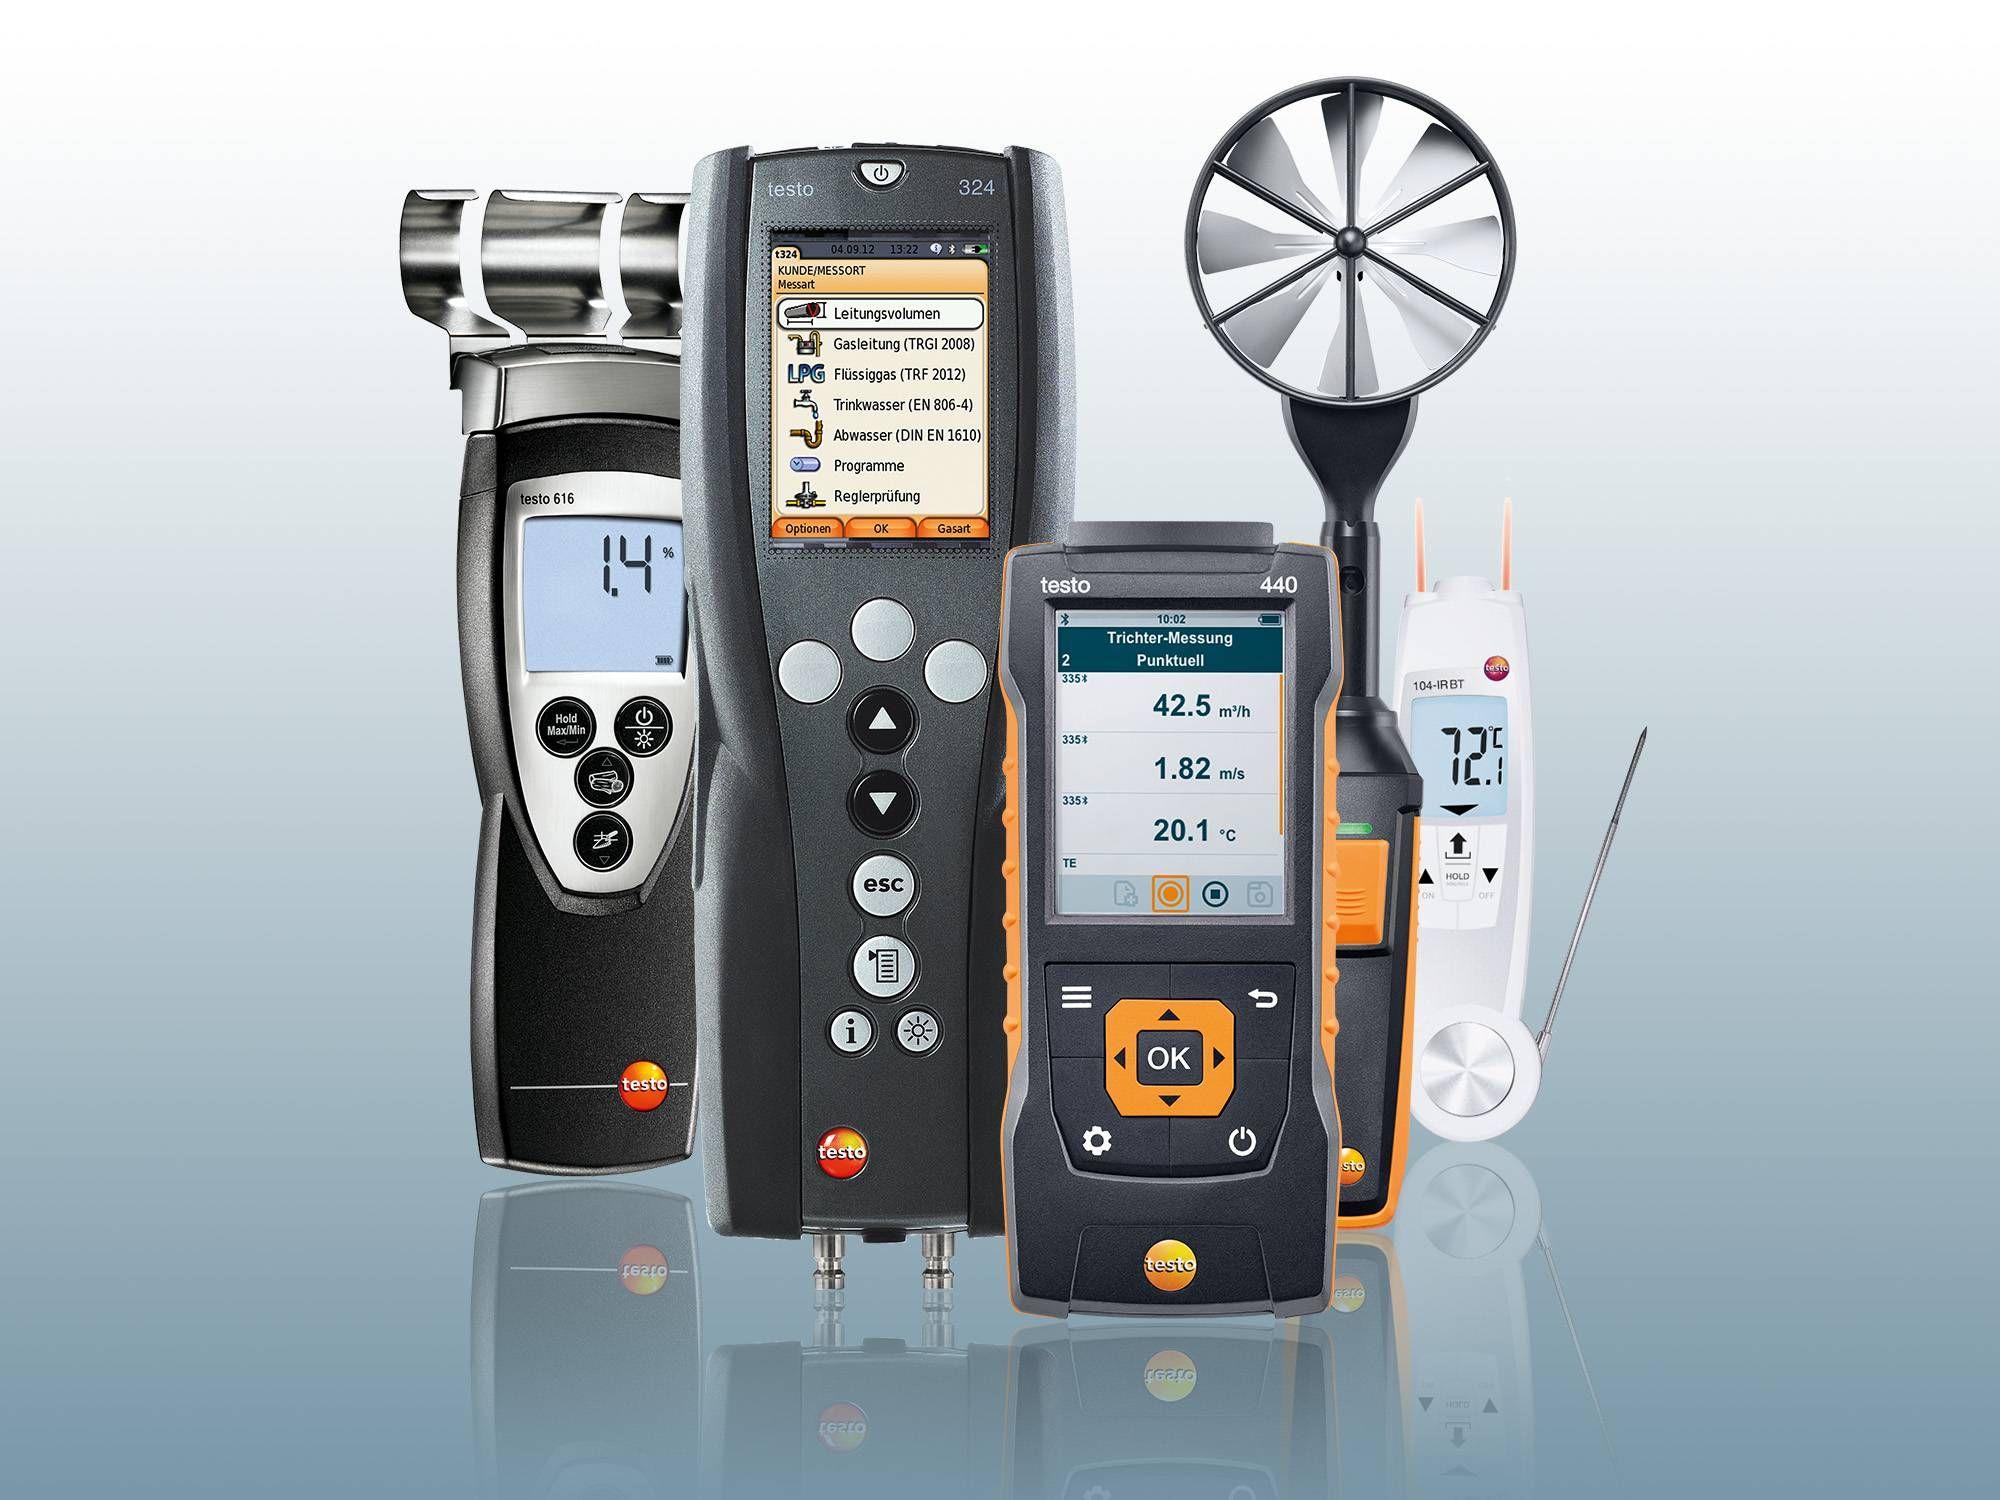 Collage aus testo 104-IR BT, testo 440 mit Bluetooth-Strömungssonde, testo 324, testo 616